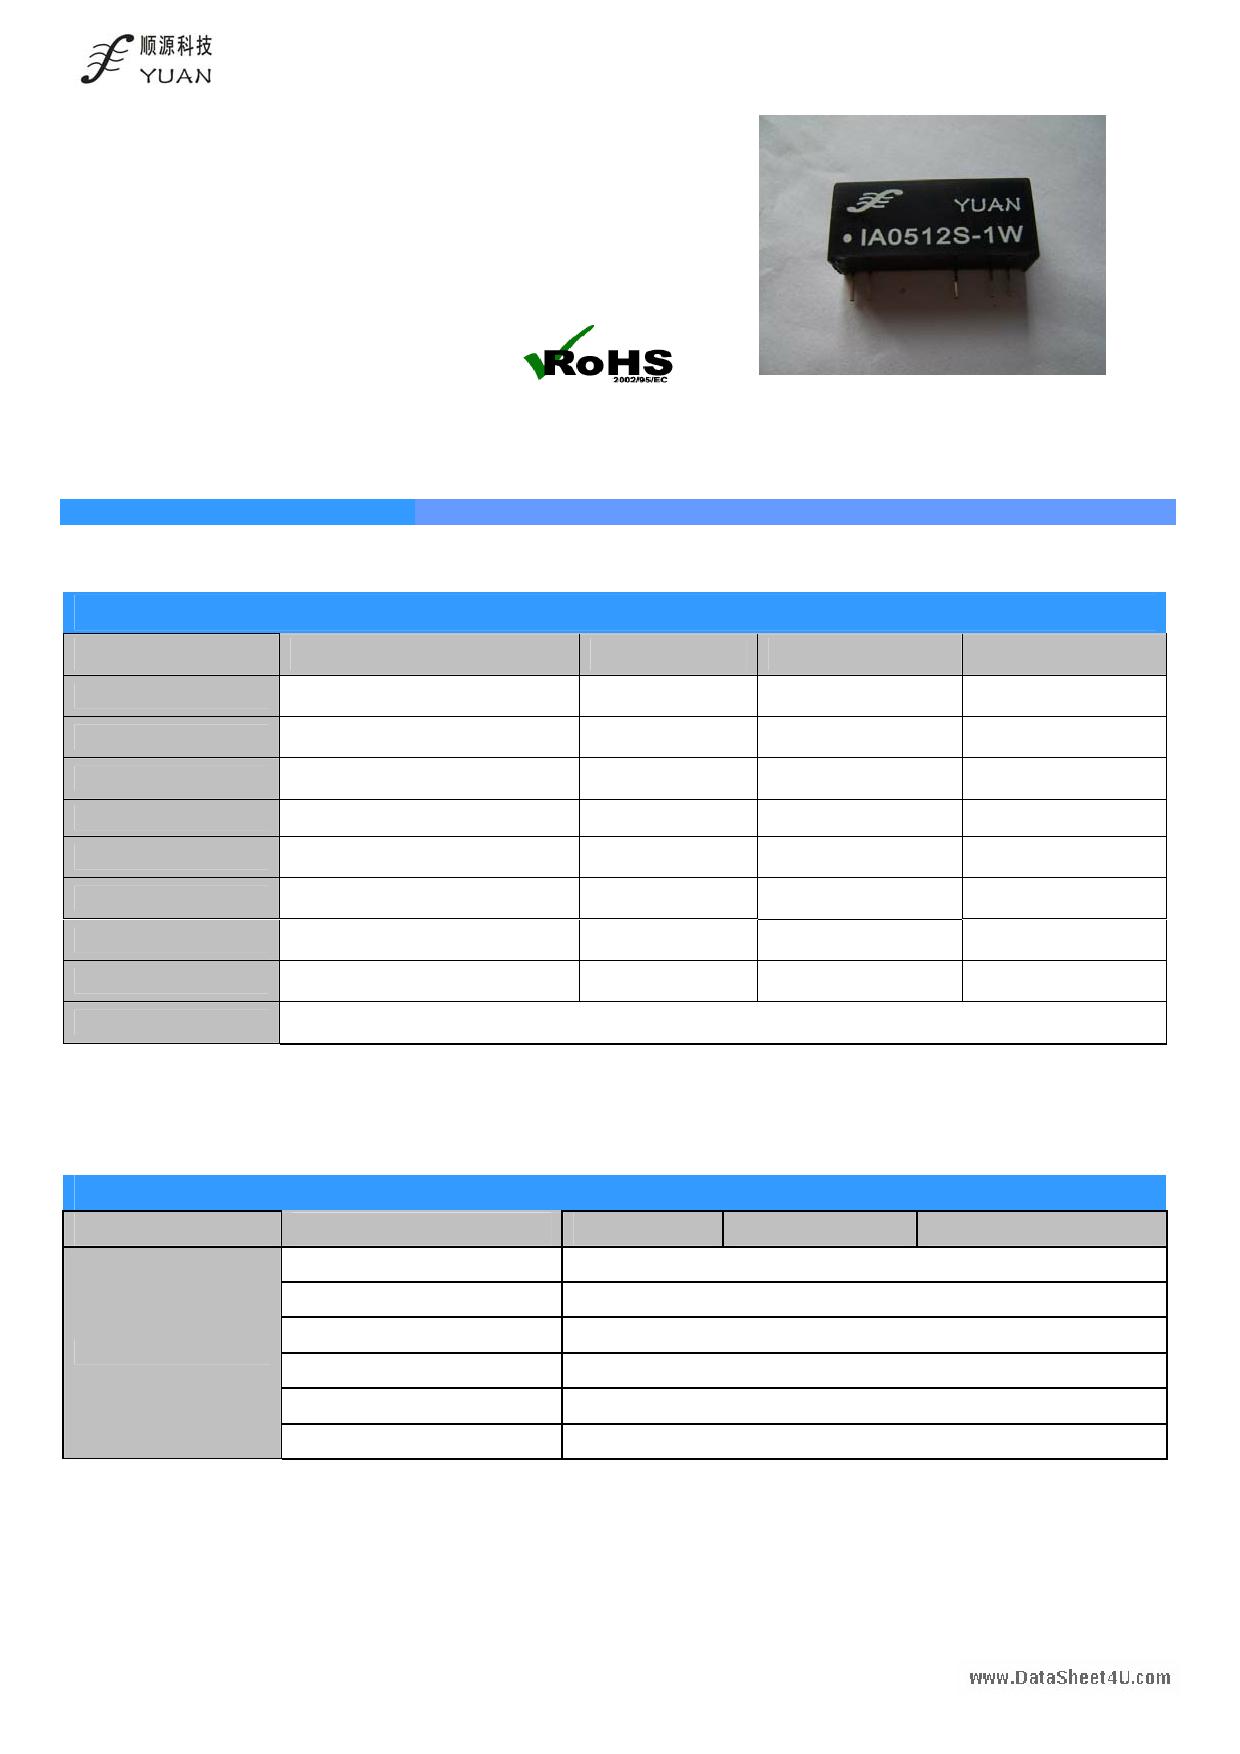 IA05xxS-1W datasheet